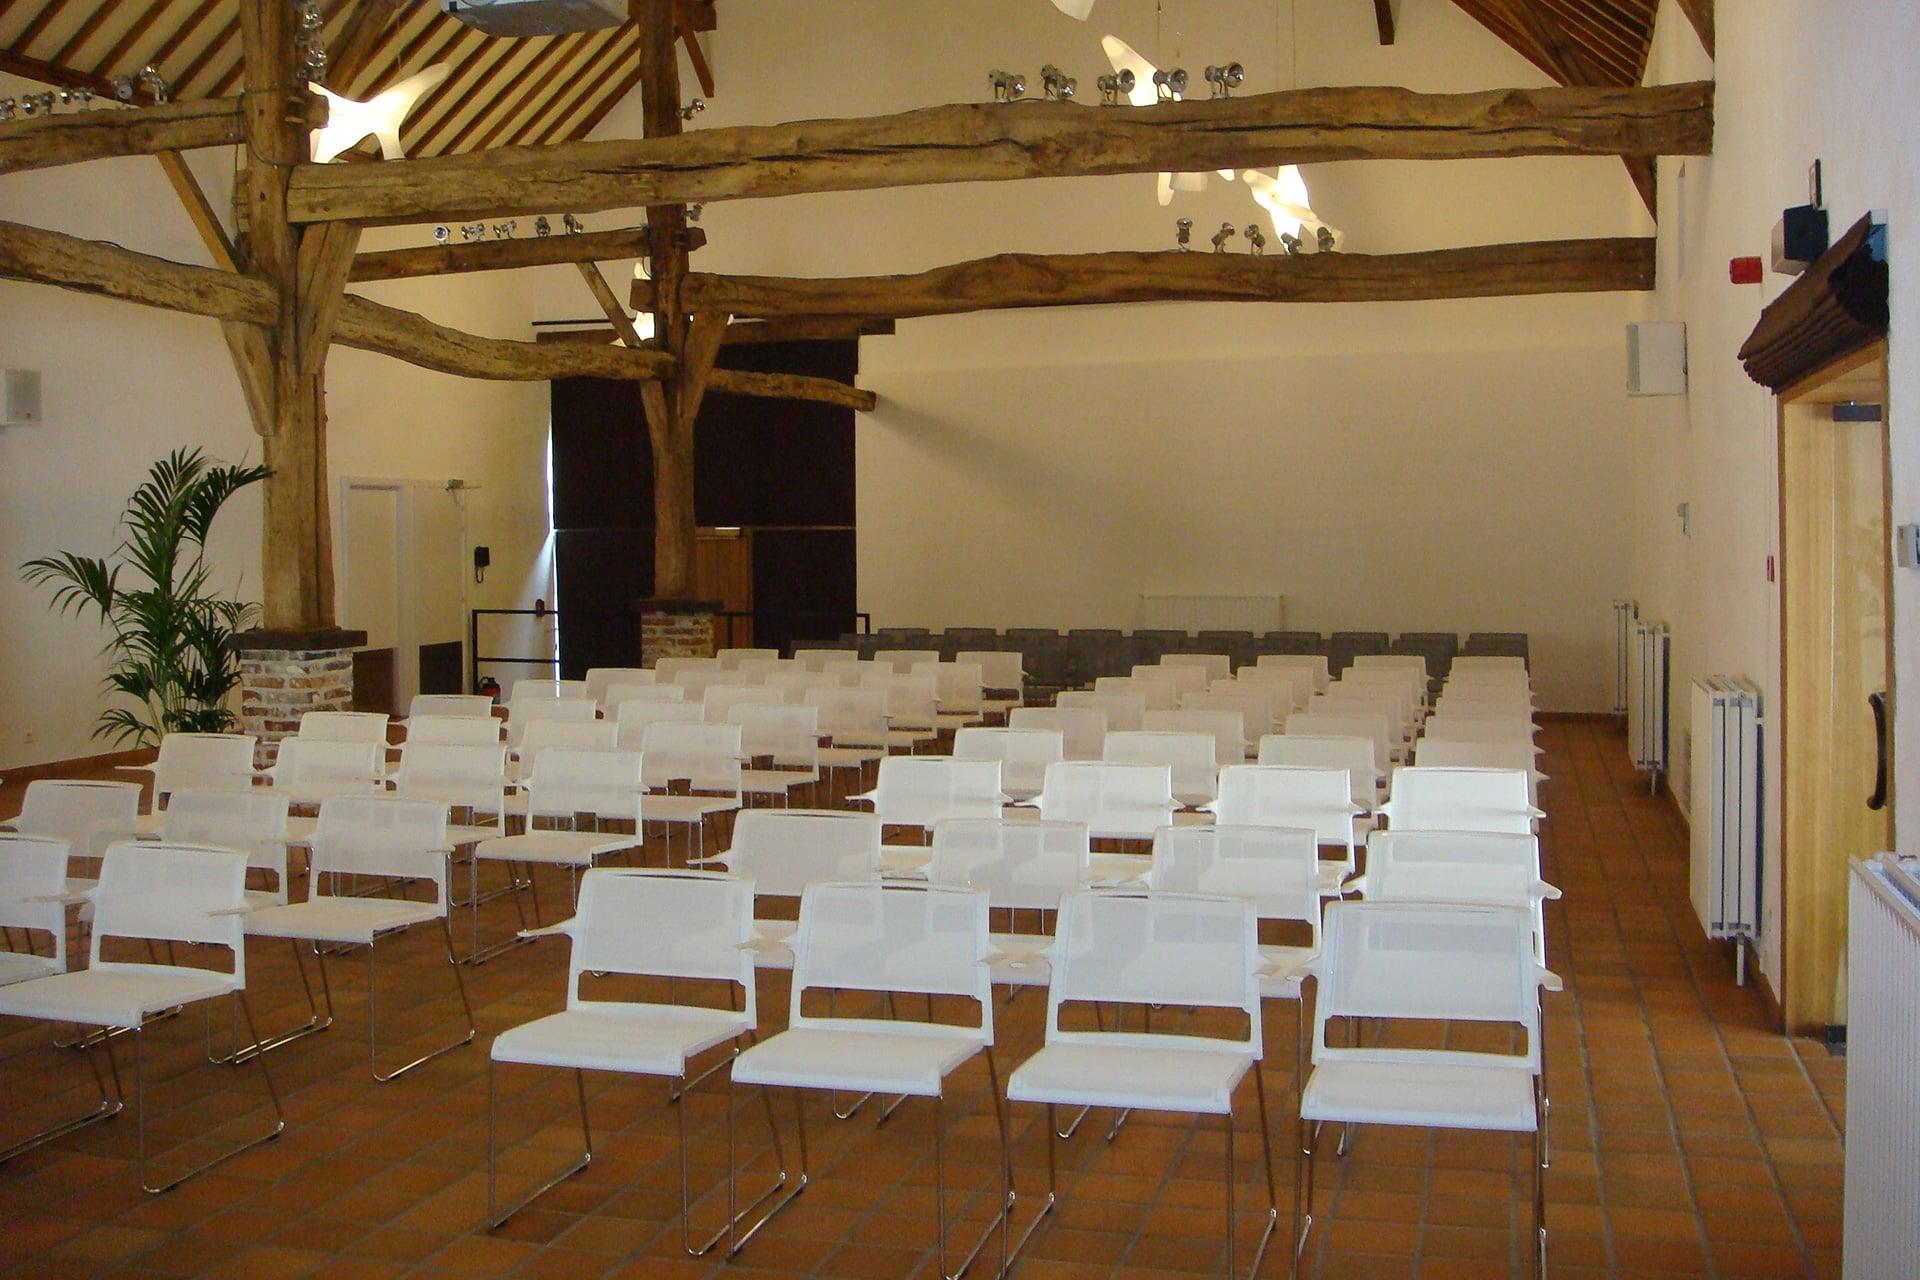 Lectures - Hof ter Musschen